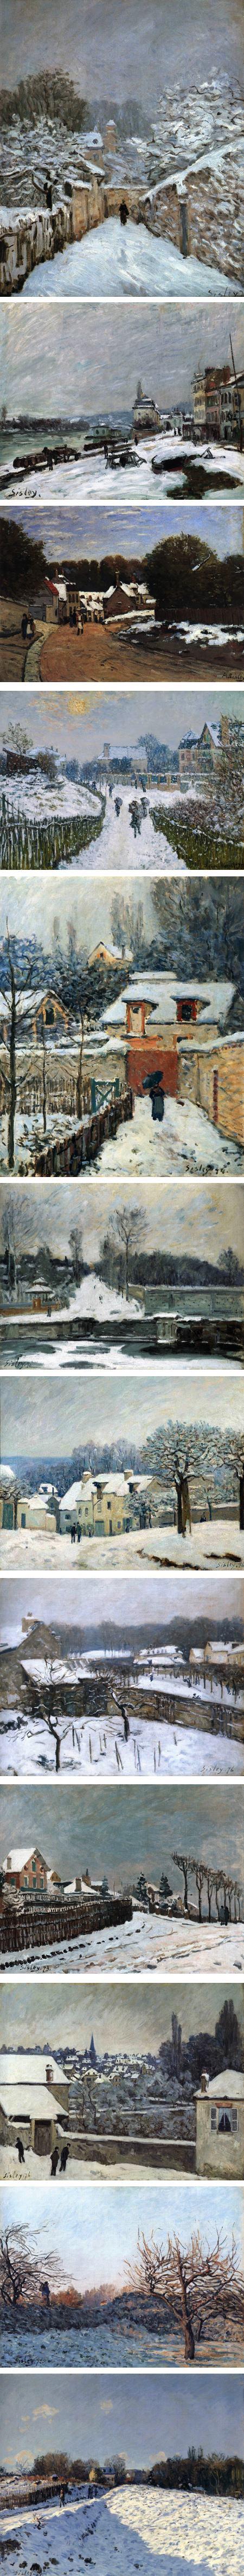 Alfred Sisley snow scenes